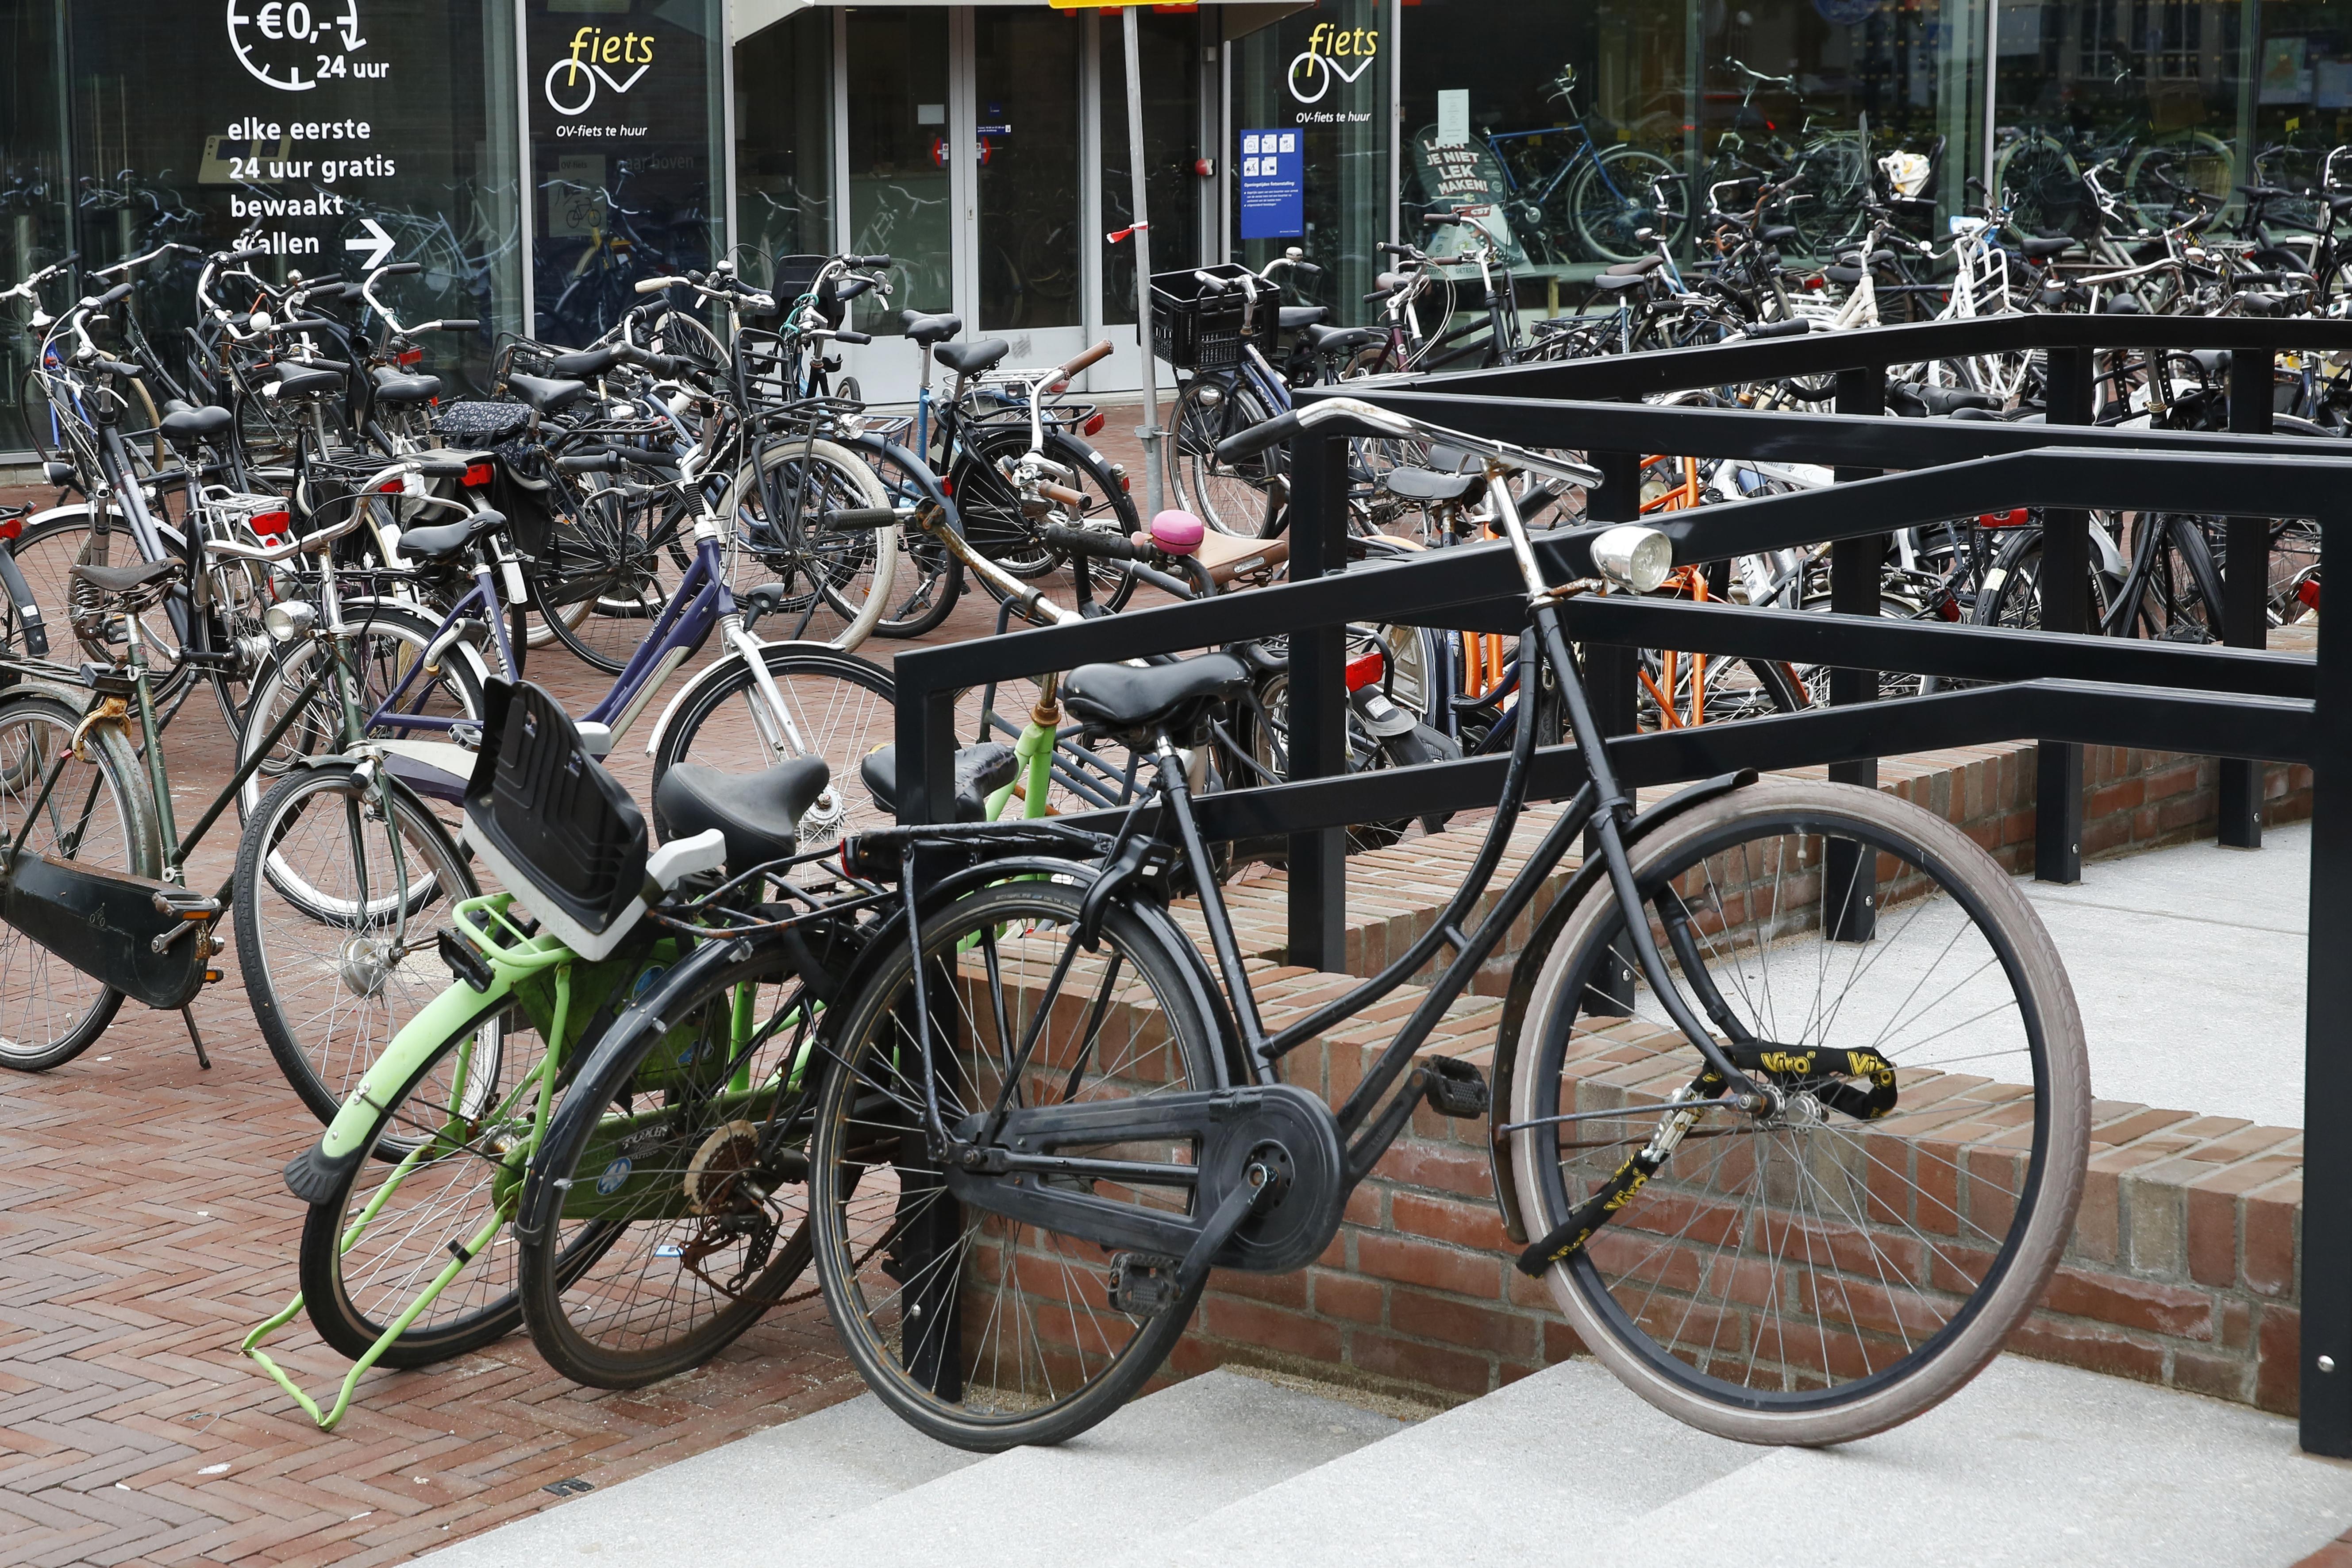 Vind hier je fiets maar eens terug! Chaotische taferelen bij station Naarden-Bussum, fietsen lukraak neergekwakt: 'Ik had hem beter roze kunnen verven'